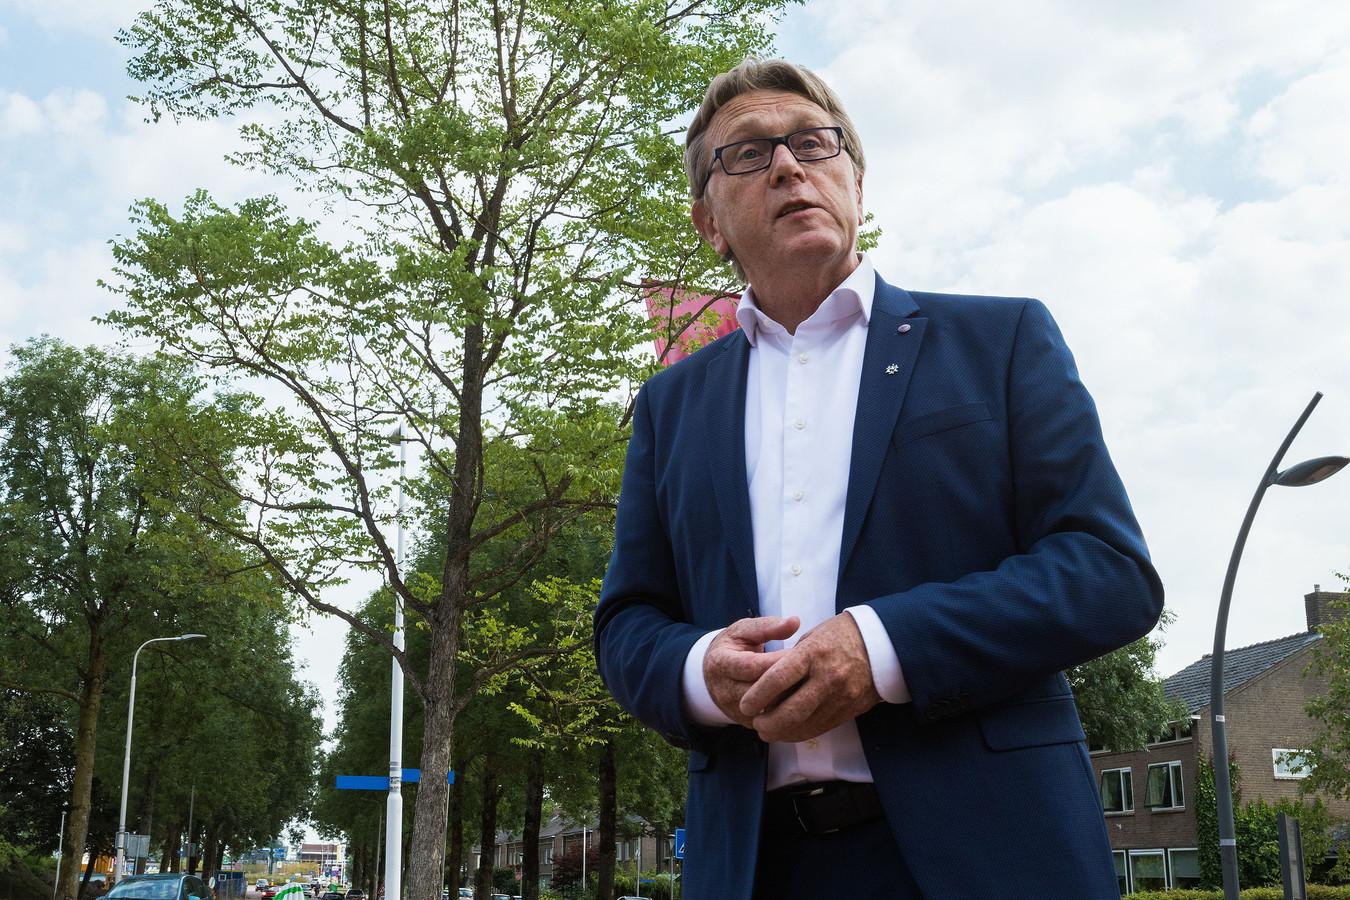 De kersverse wethouder Jaap Oosterveld opent een bomenroute in Dronten, juli 2018.